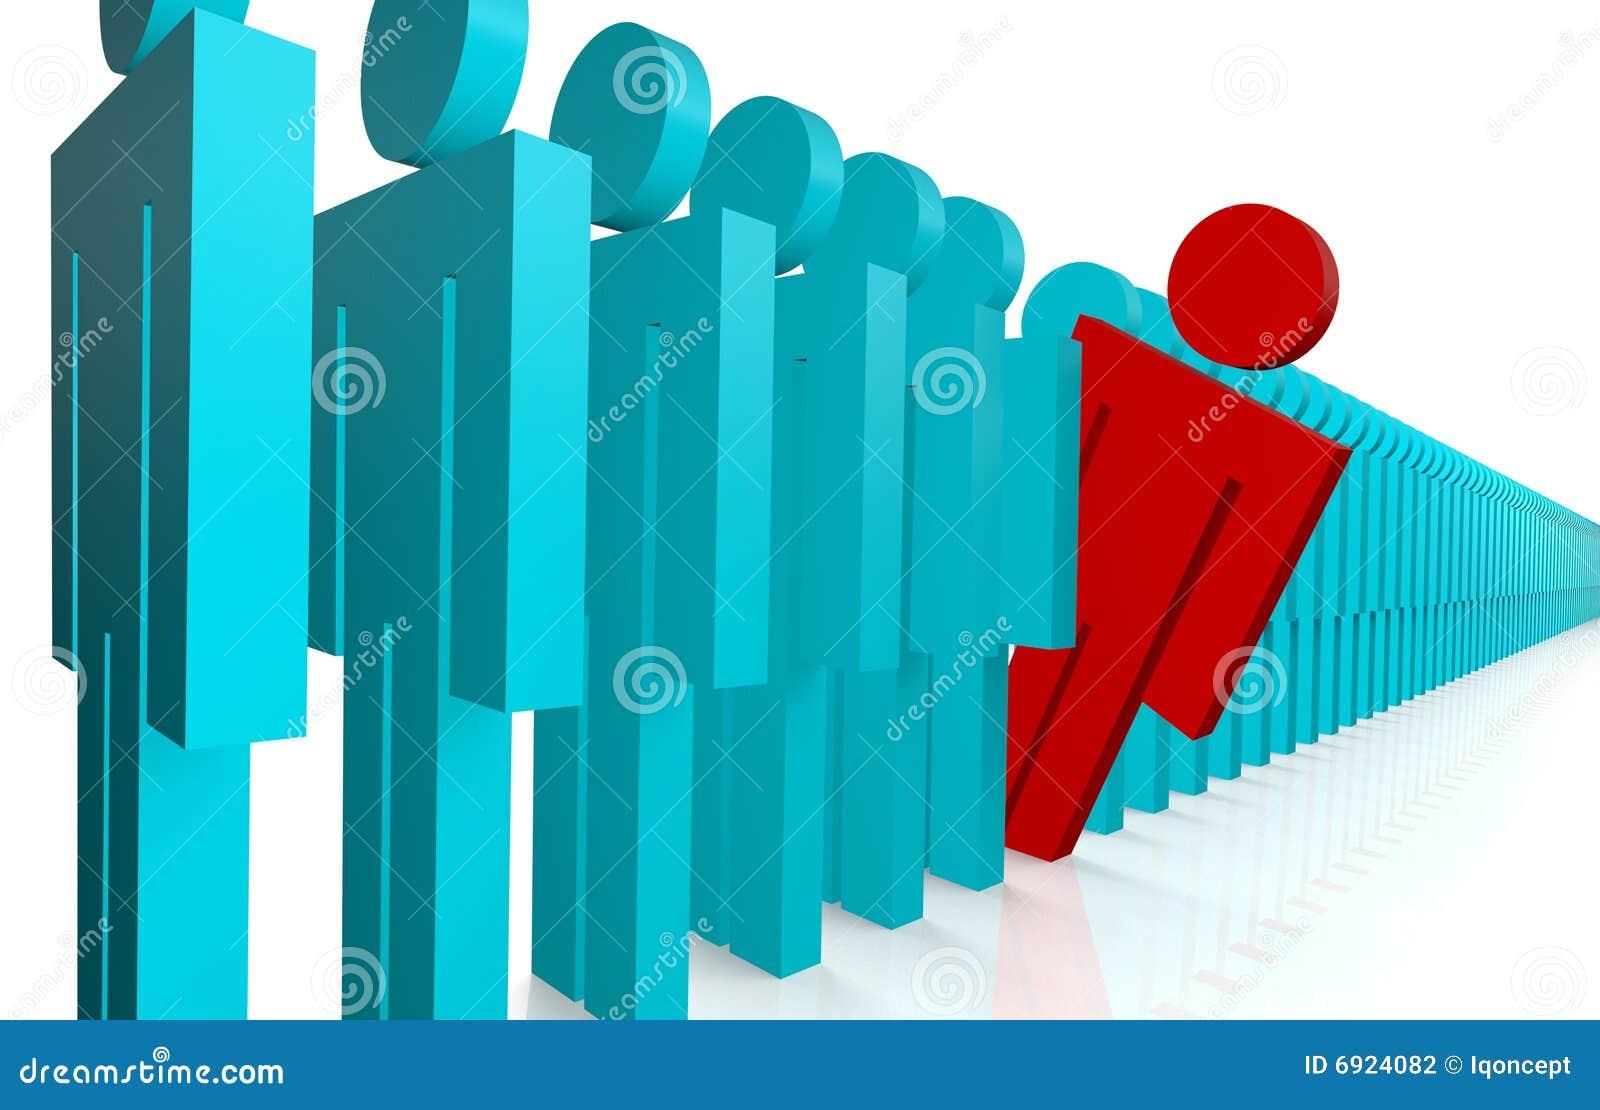 Leaning Line Worksheet For Children Stock Vector - Illustration of ...